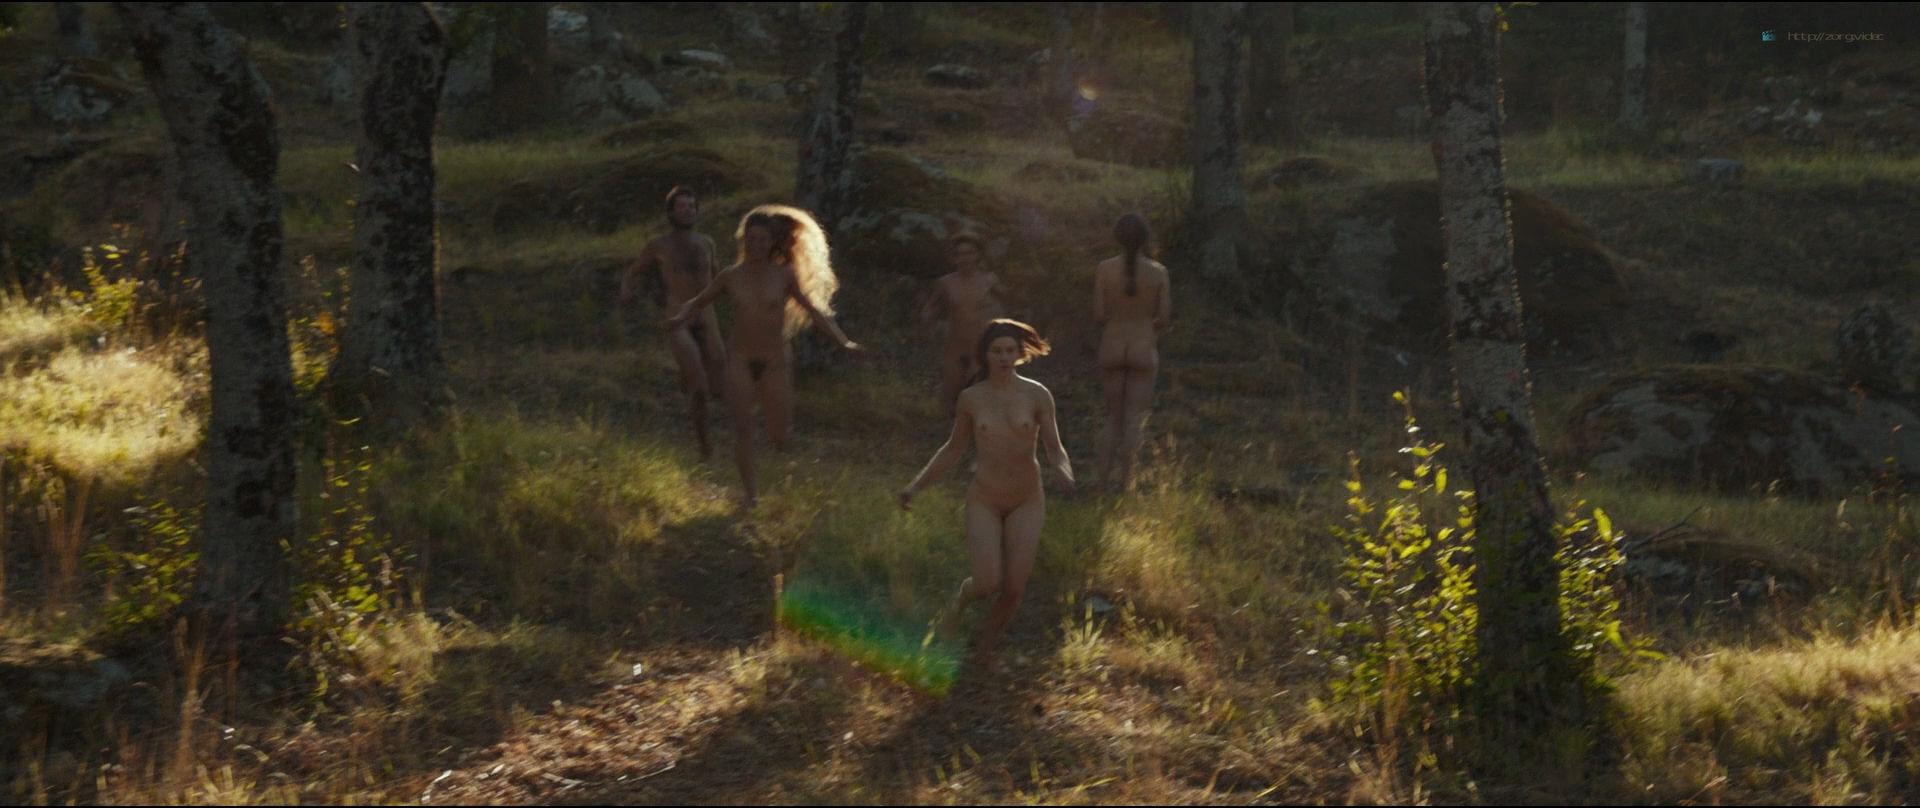 Marianna Fontana nude full frontal Jenna Thiam others nude - Capri-Revolution (2018) HD 1080p BluRay (12)